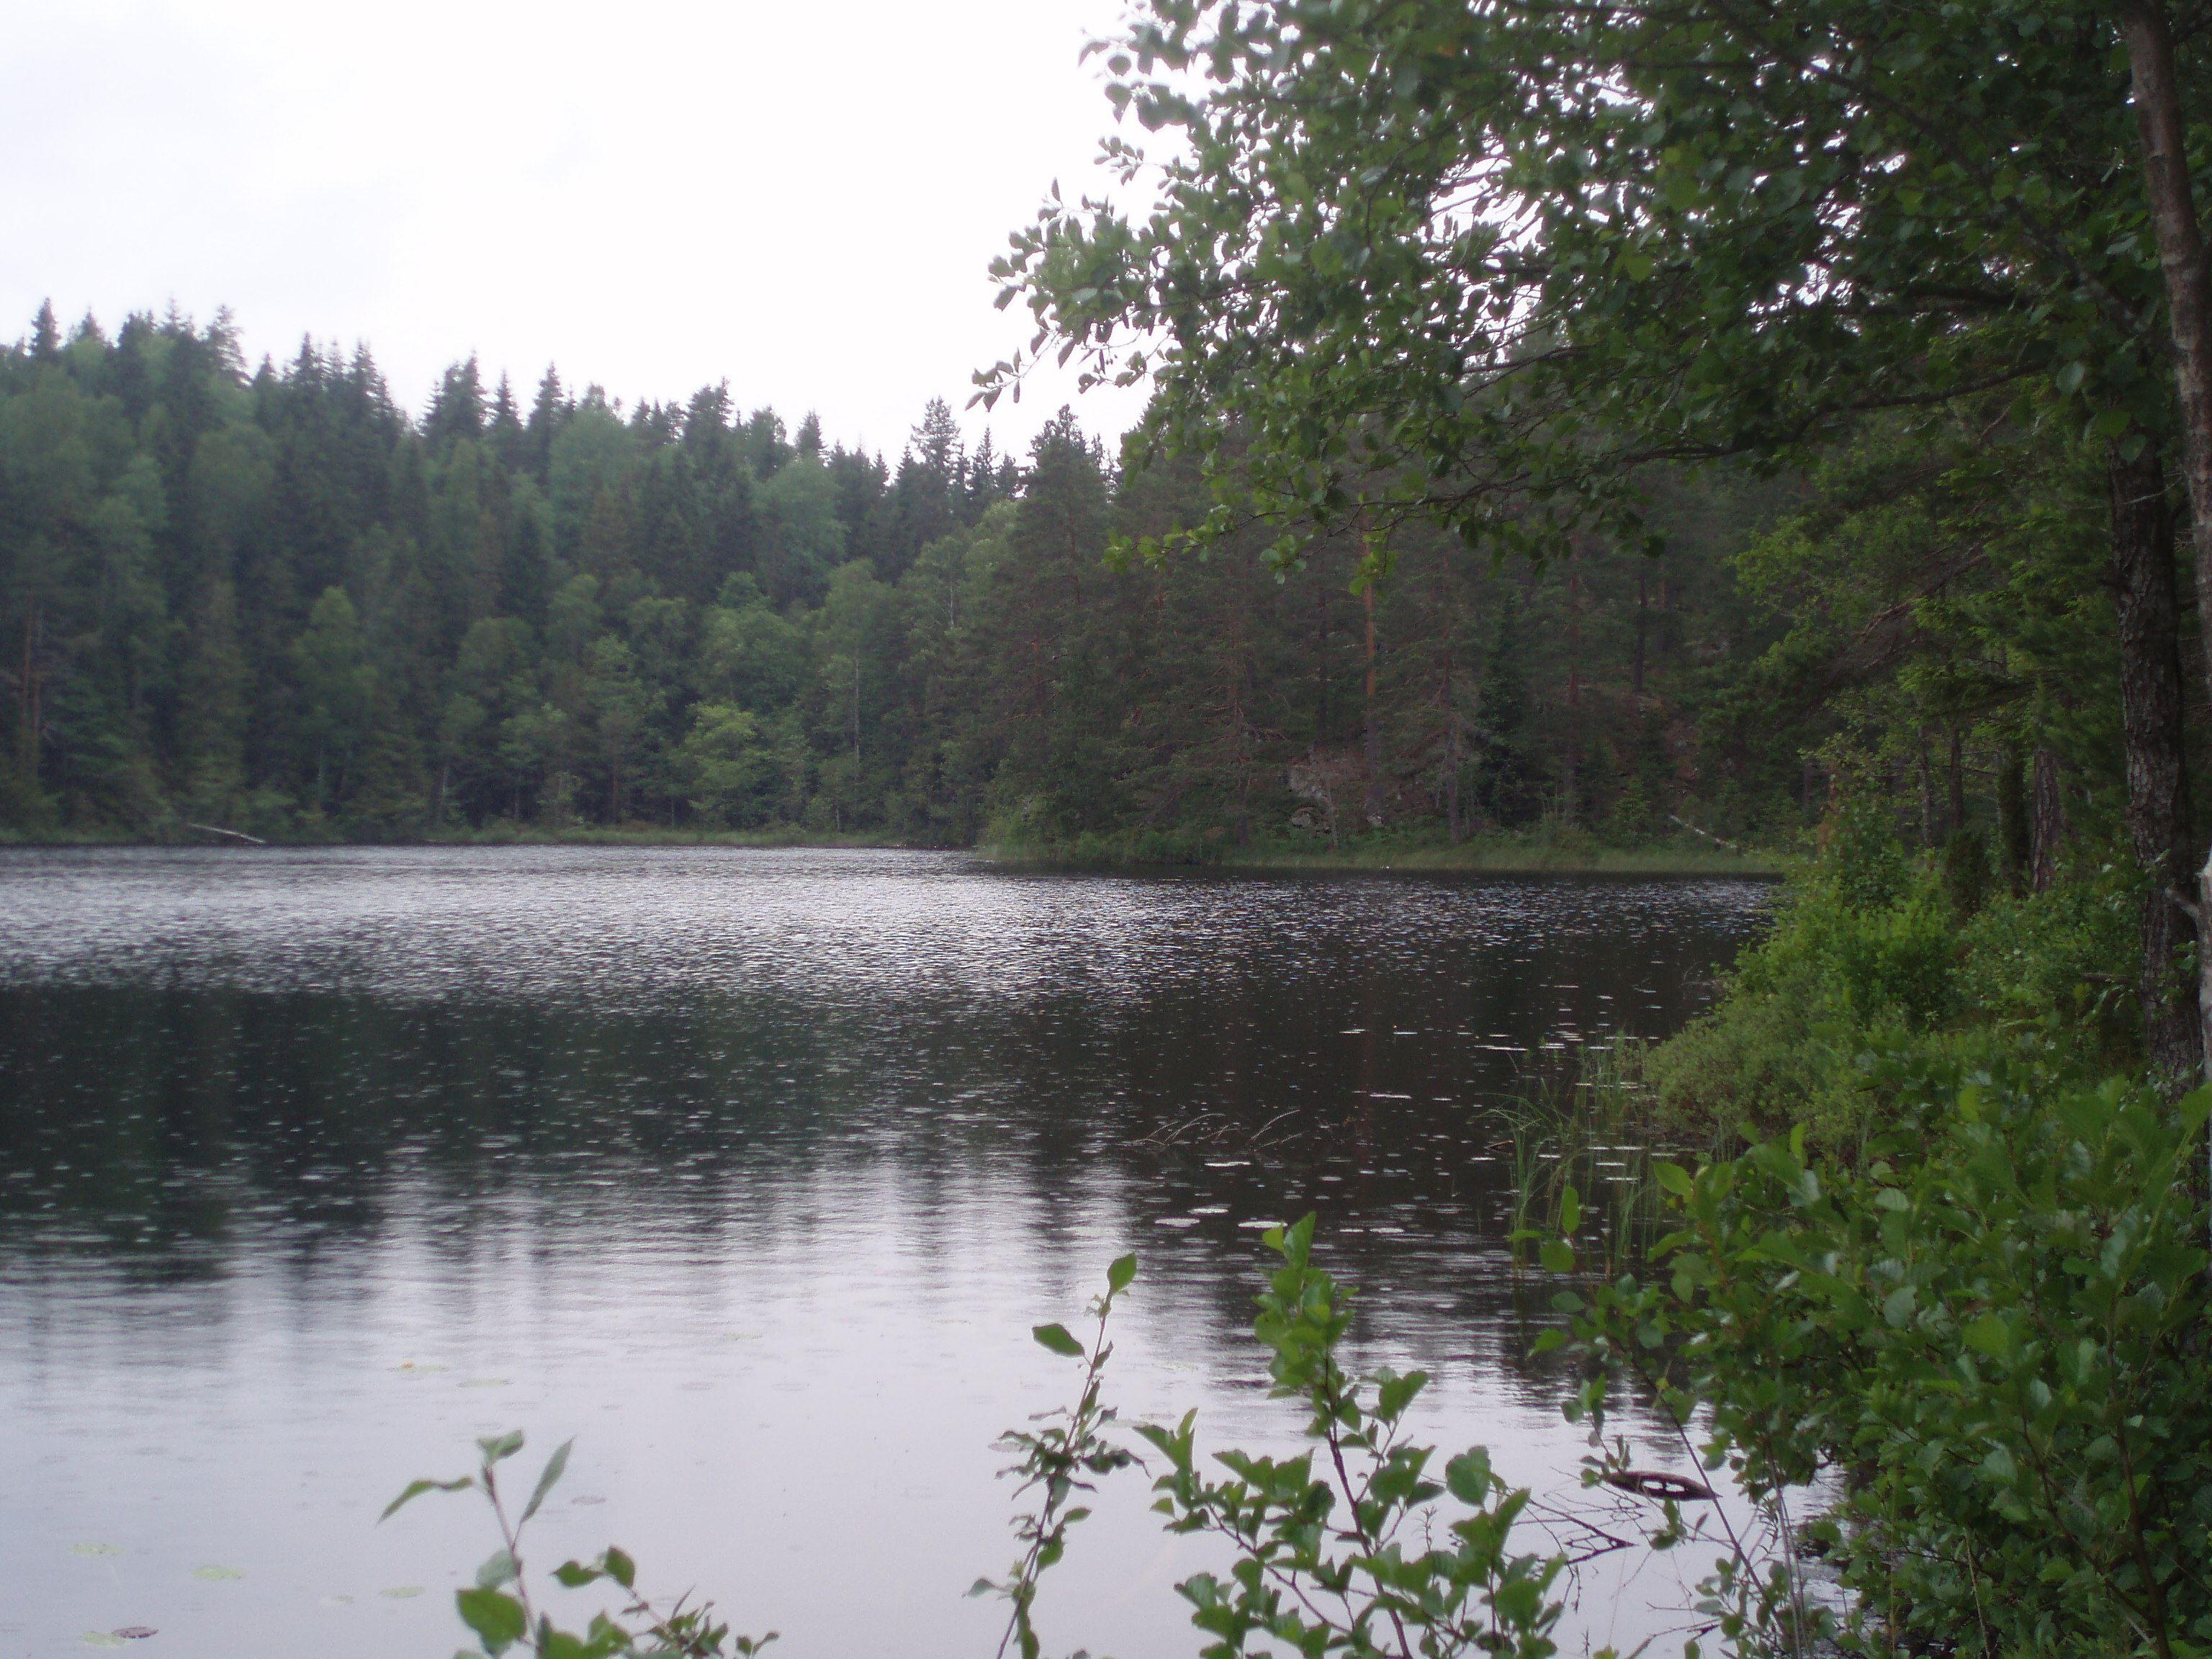 Askesjö